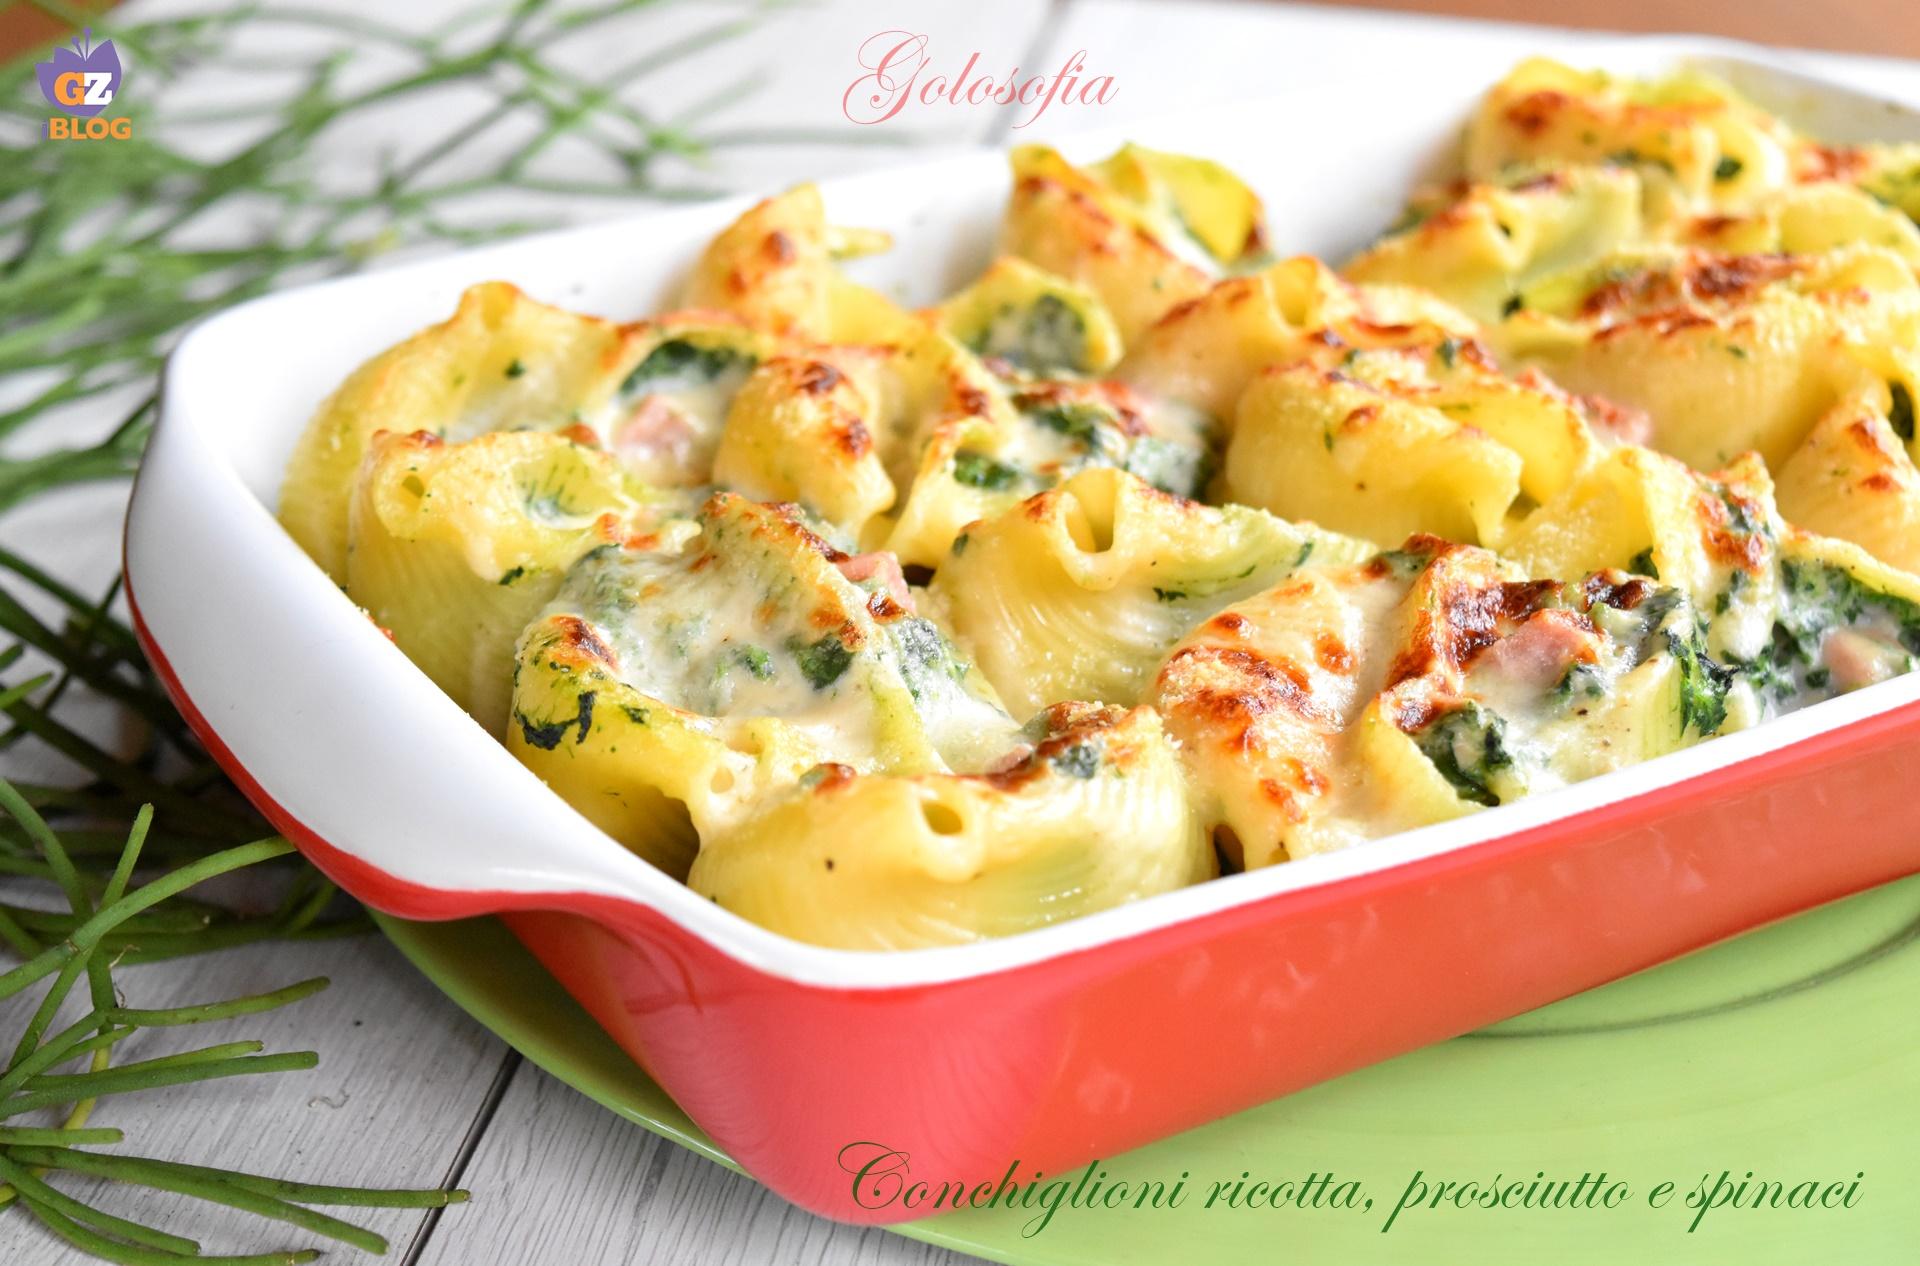 Conchiglioni ricotta, prosciutto e spinaci, ricetta cremosa buonissima